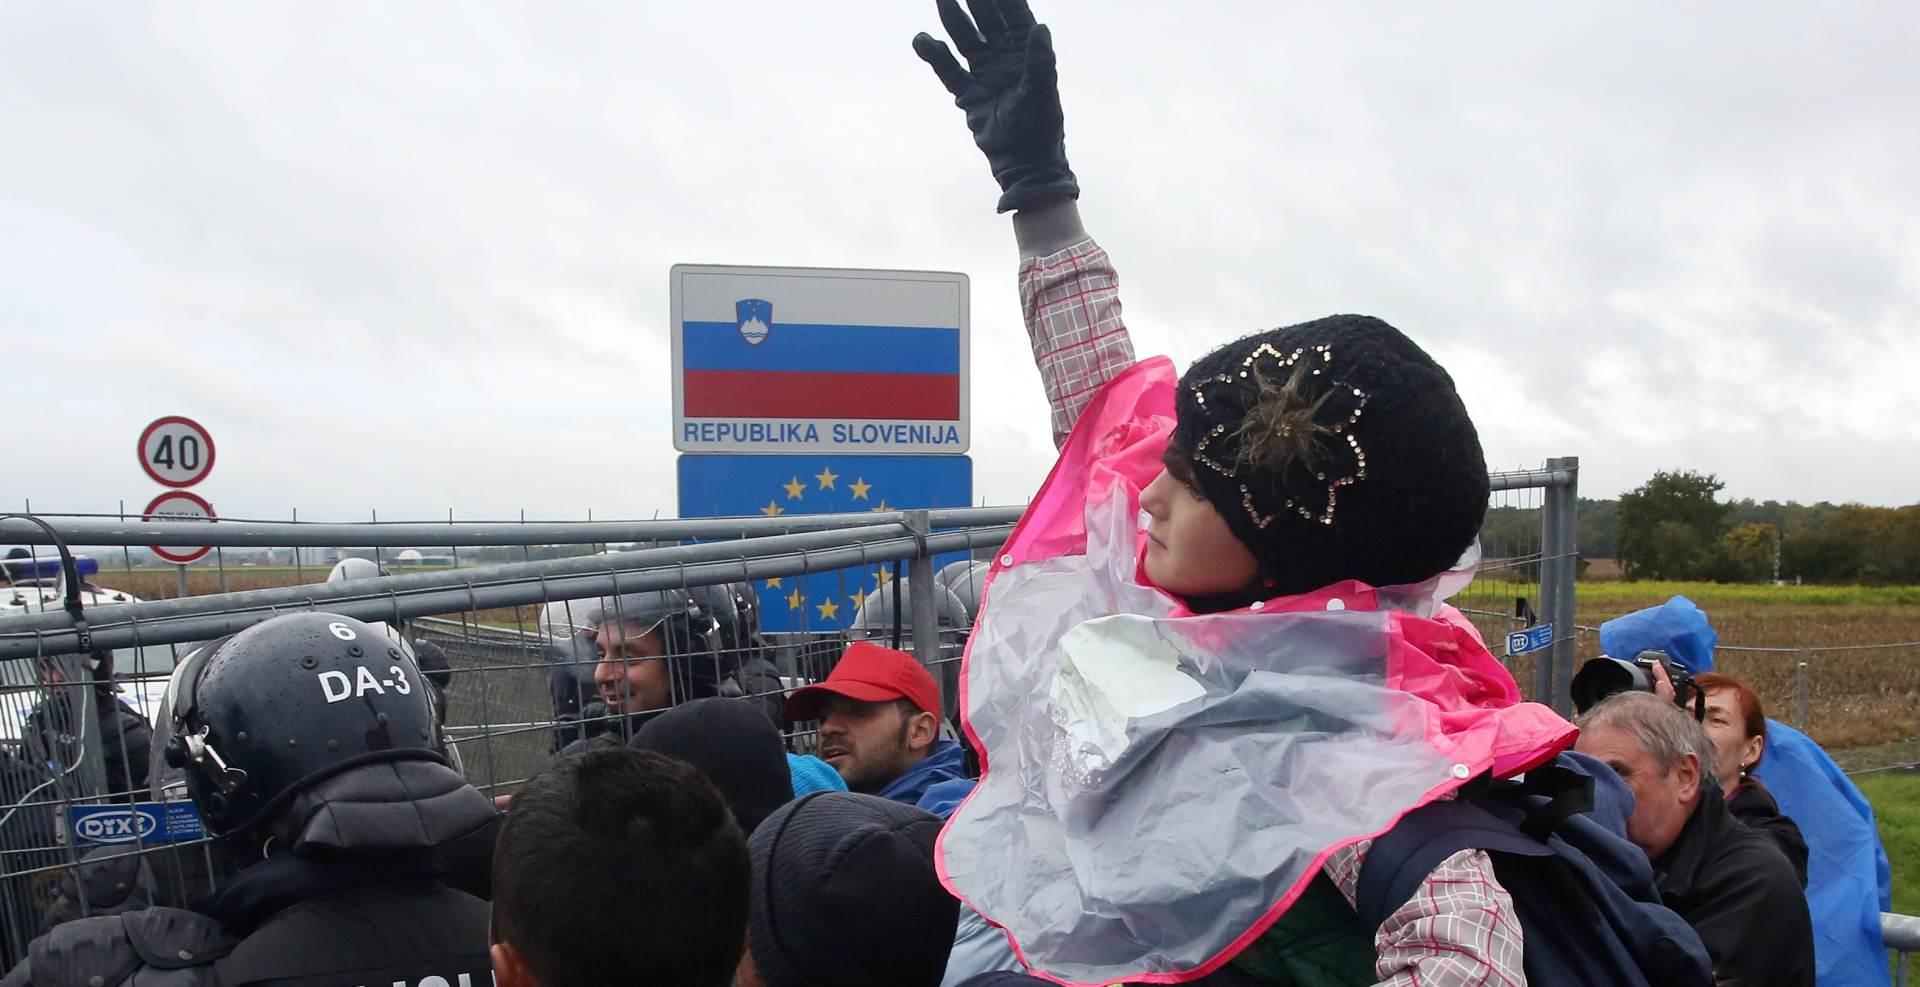 DODATNE OVLASTI: Slovenska vojska sad smije na granicu